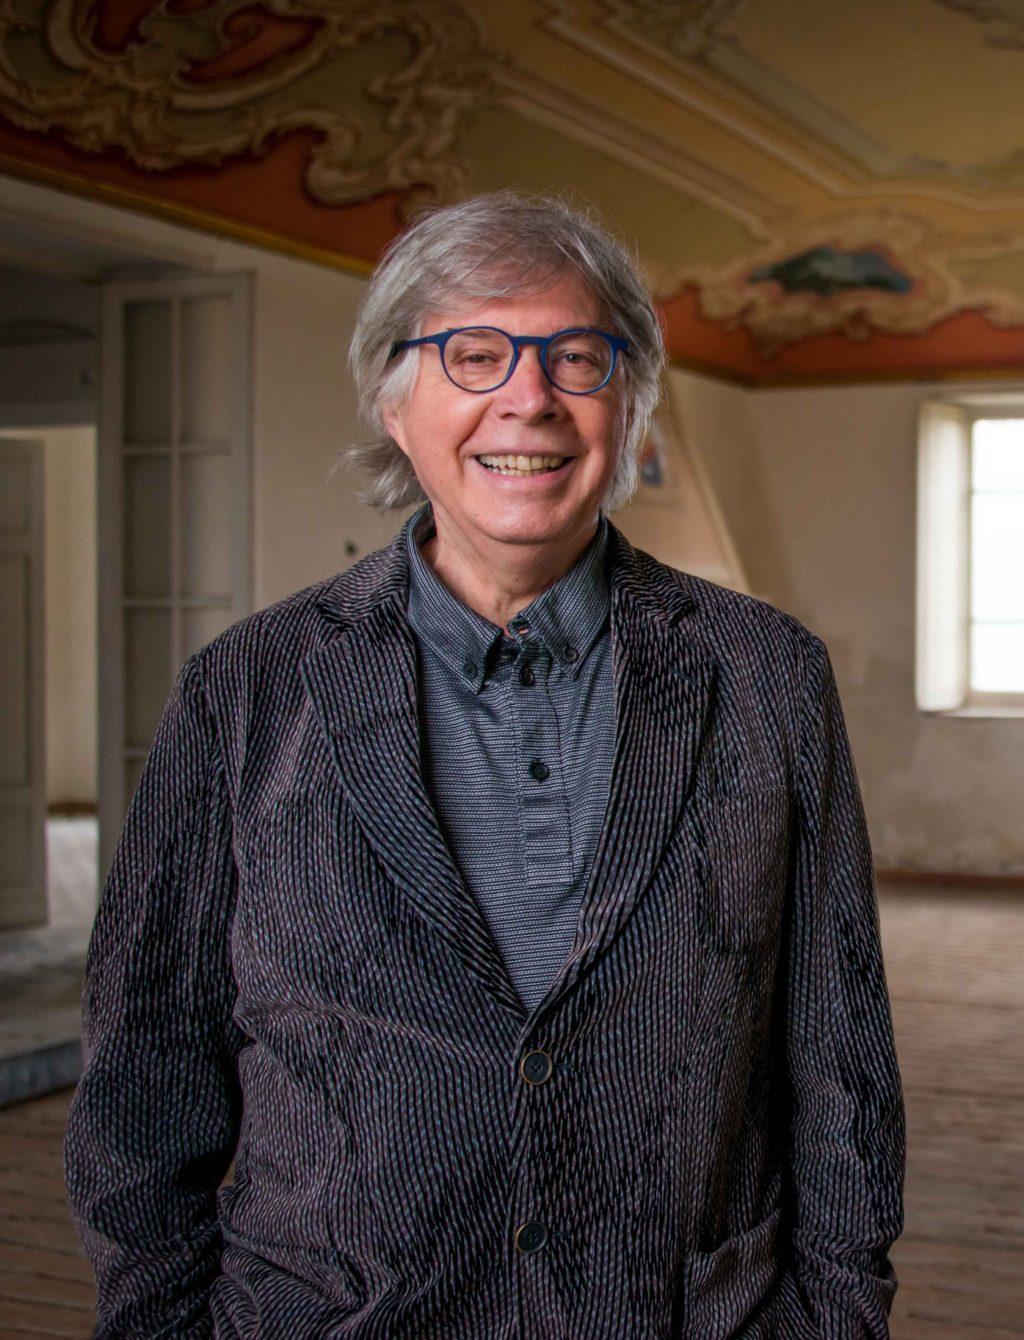 Pier Giovanni Capellino